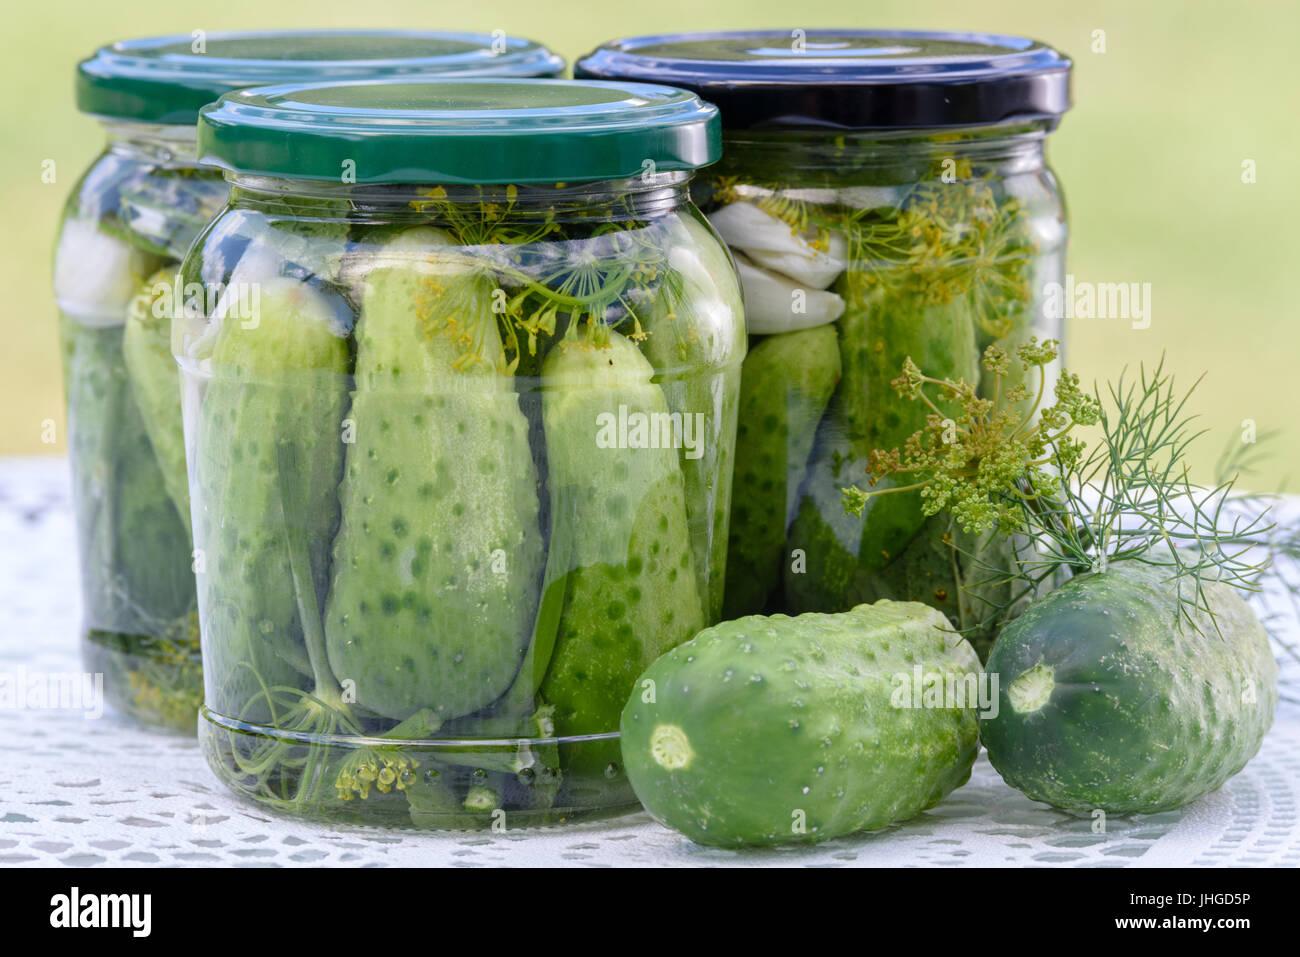 Das Konzept der hausgemachten bewahrt - Gläser von sauren Gurken auf einem Tisch neben rohen grünen Boden Stockbild